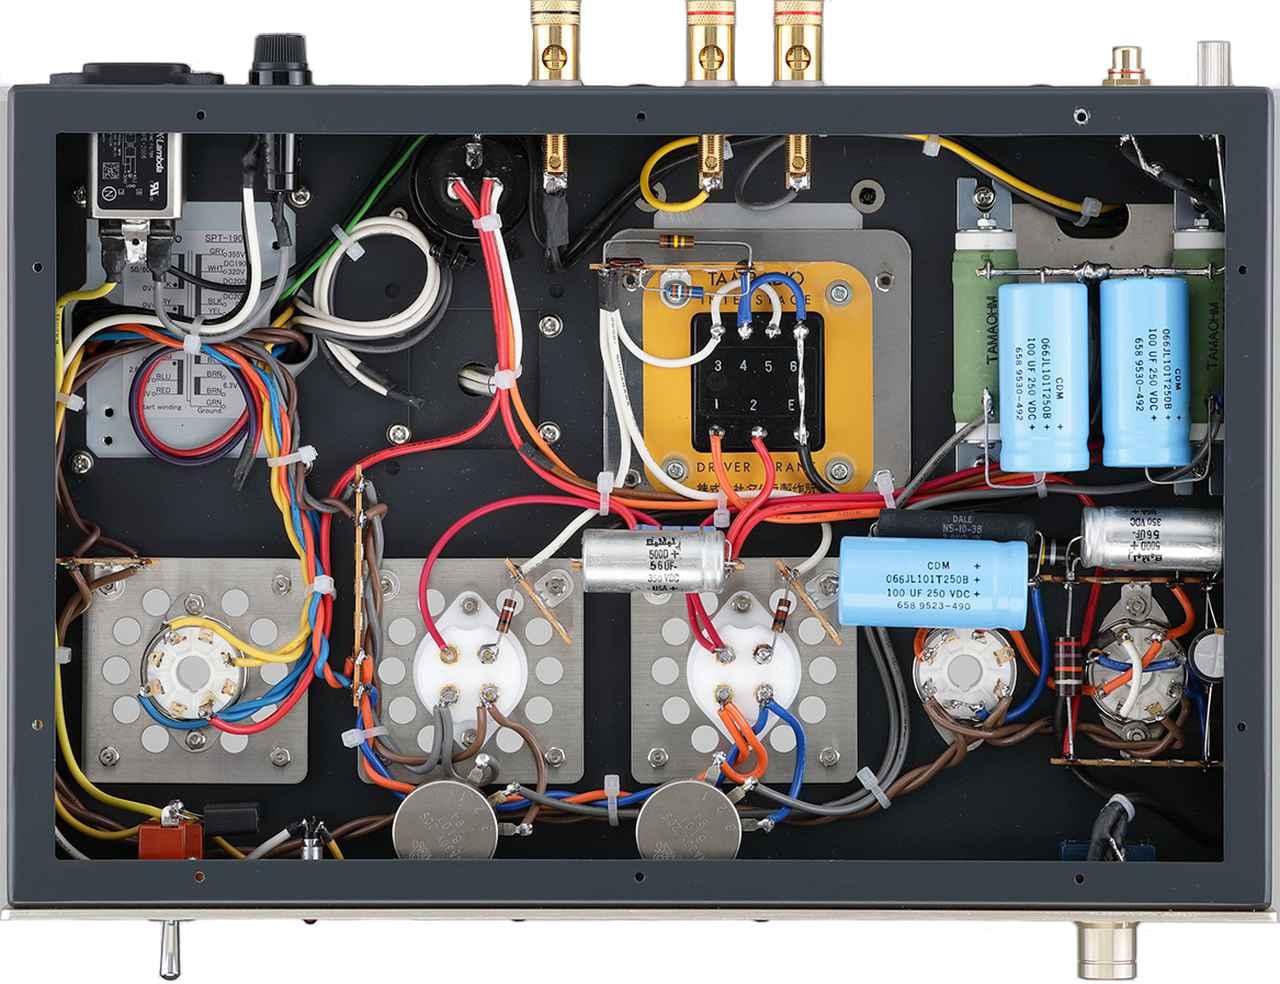 画像: 内部。配線はプリント基板を使用しないリード線タイプ。出力管のすぐ手前にハムバランサーを配置。金メッキ端子の真空管ソケットを採用し、2A3用ソケットのUX4Pは山本音響工芸製を使用。